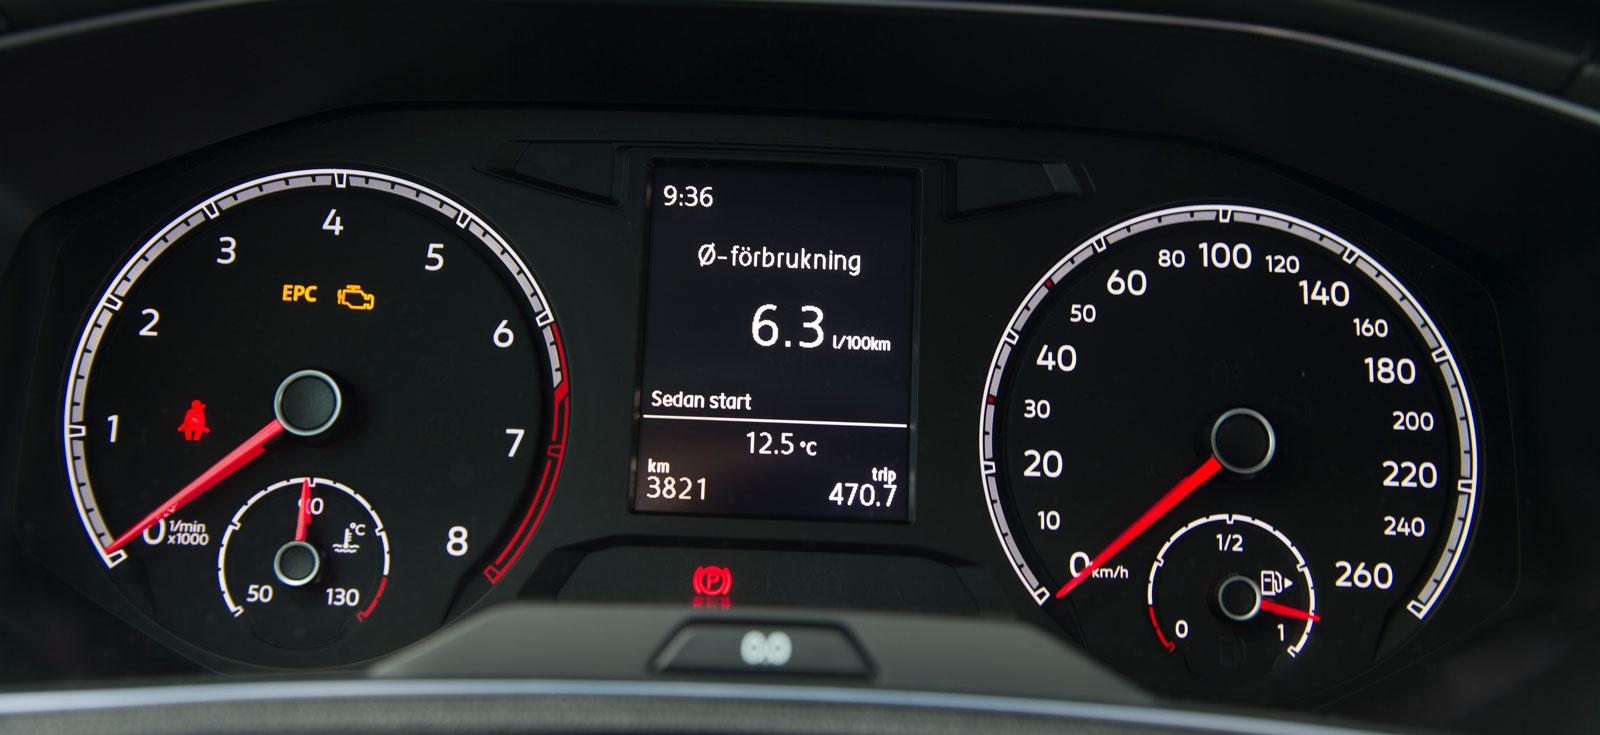 Instrumenteringen känns igen från övriga VW-programmet. Två stora och tydliga mätartavlor flankerar displayen för färddator/mediestystem.